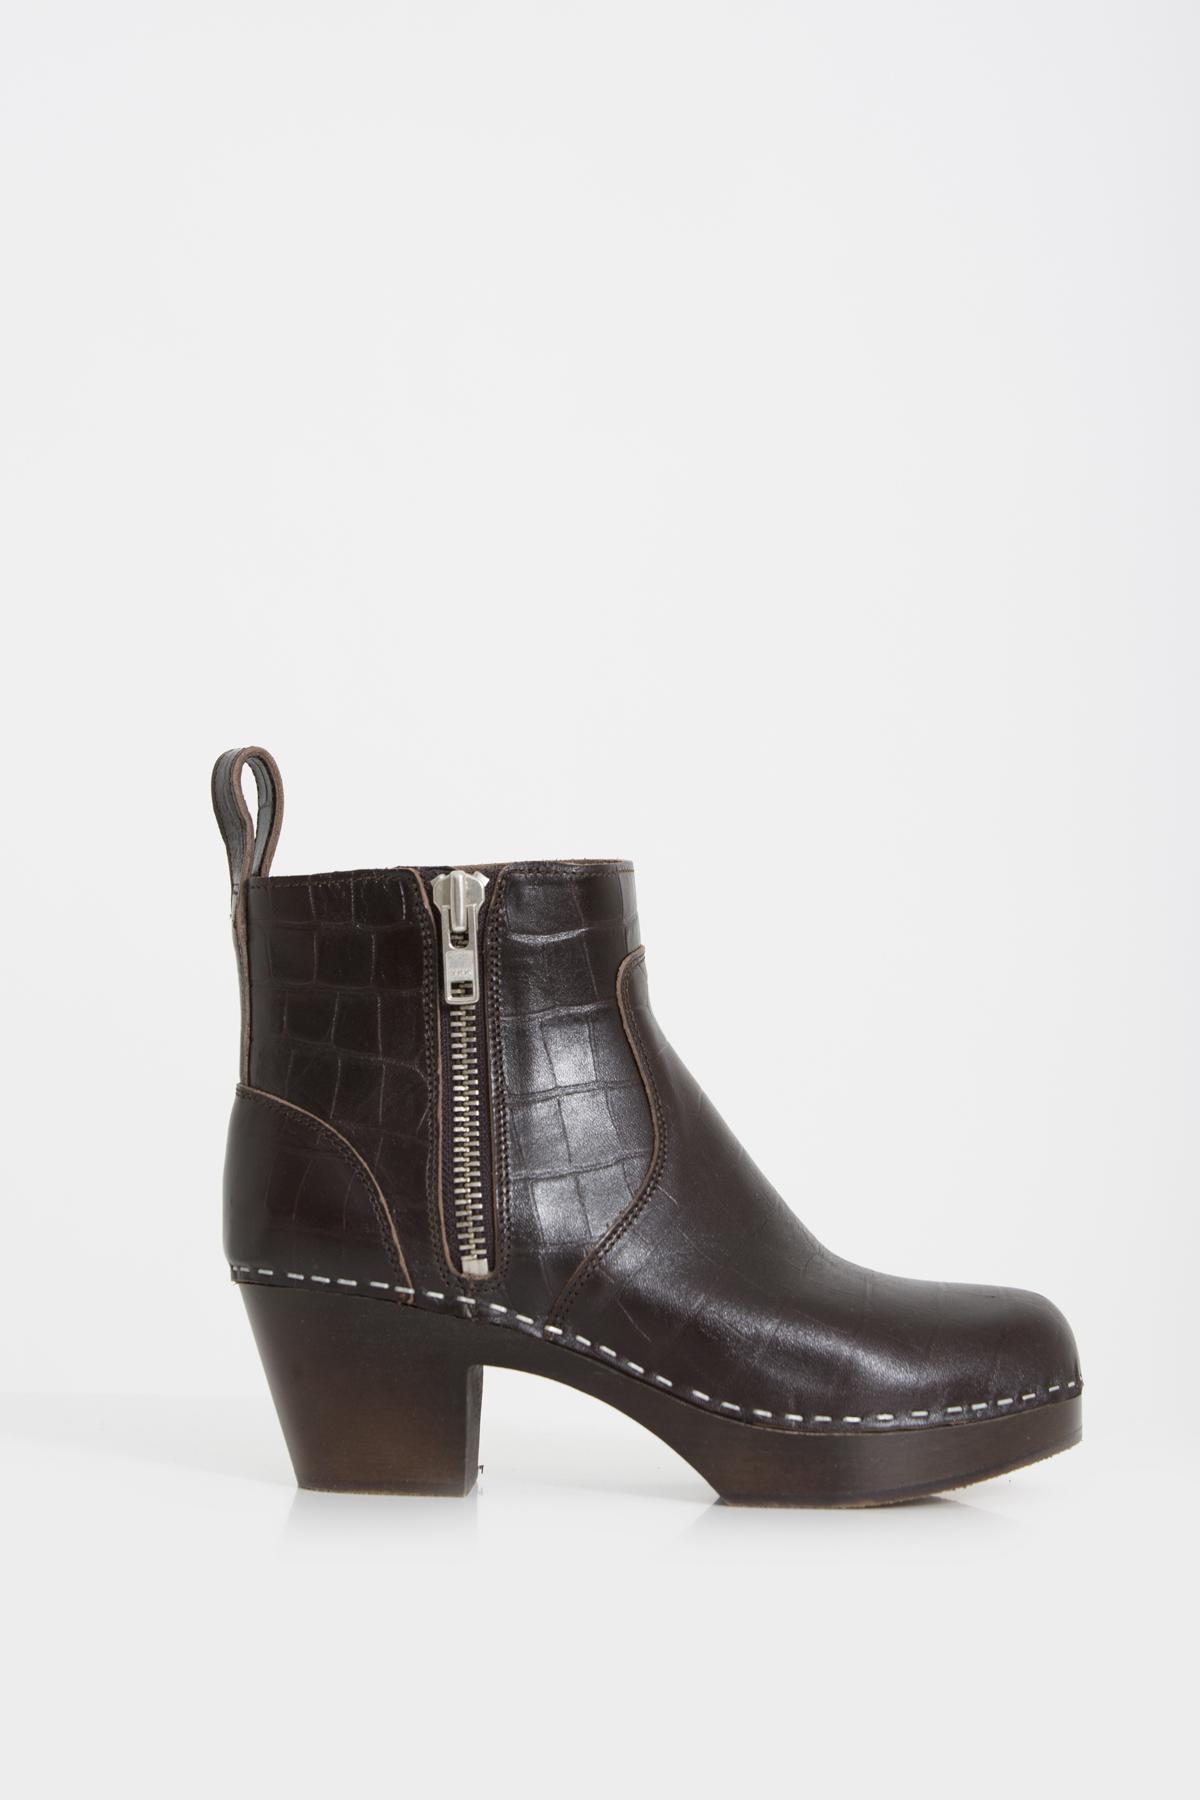 zip-it-amy-booties-croc-dark-brown-leather-swedish-hasbeens-matchboxathens